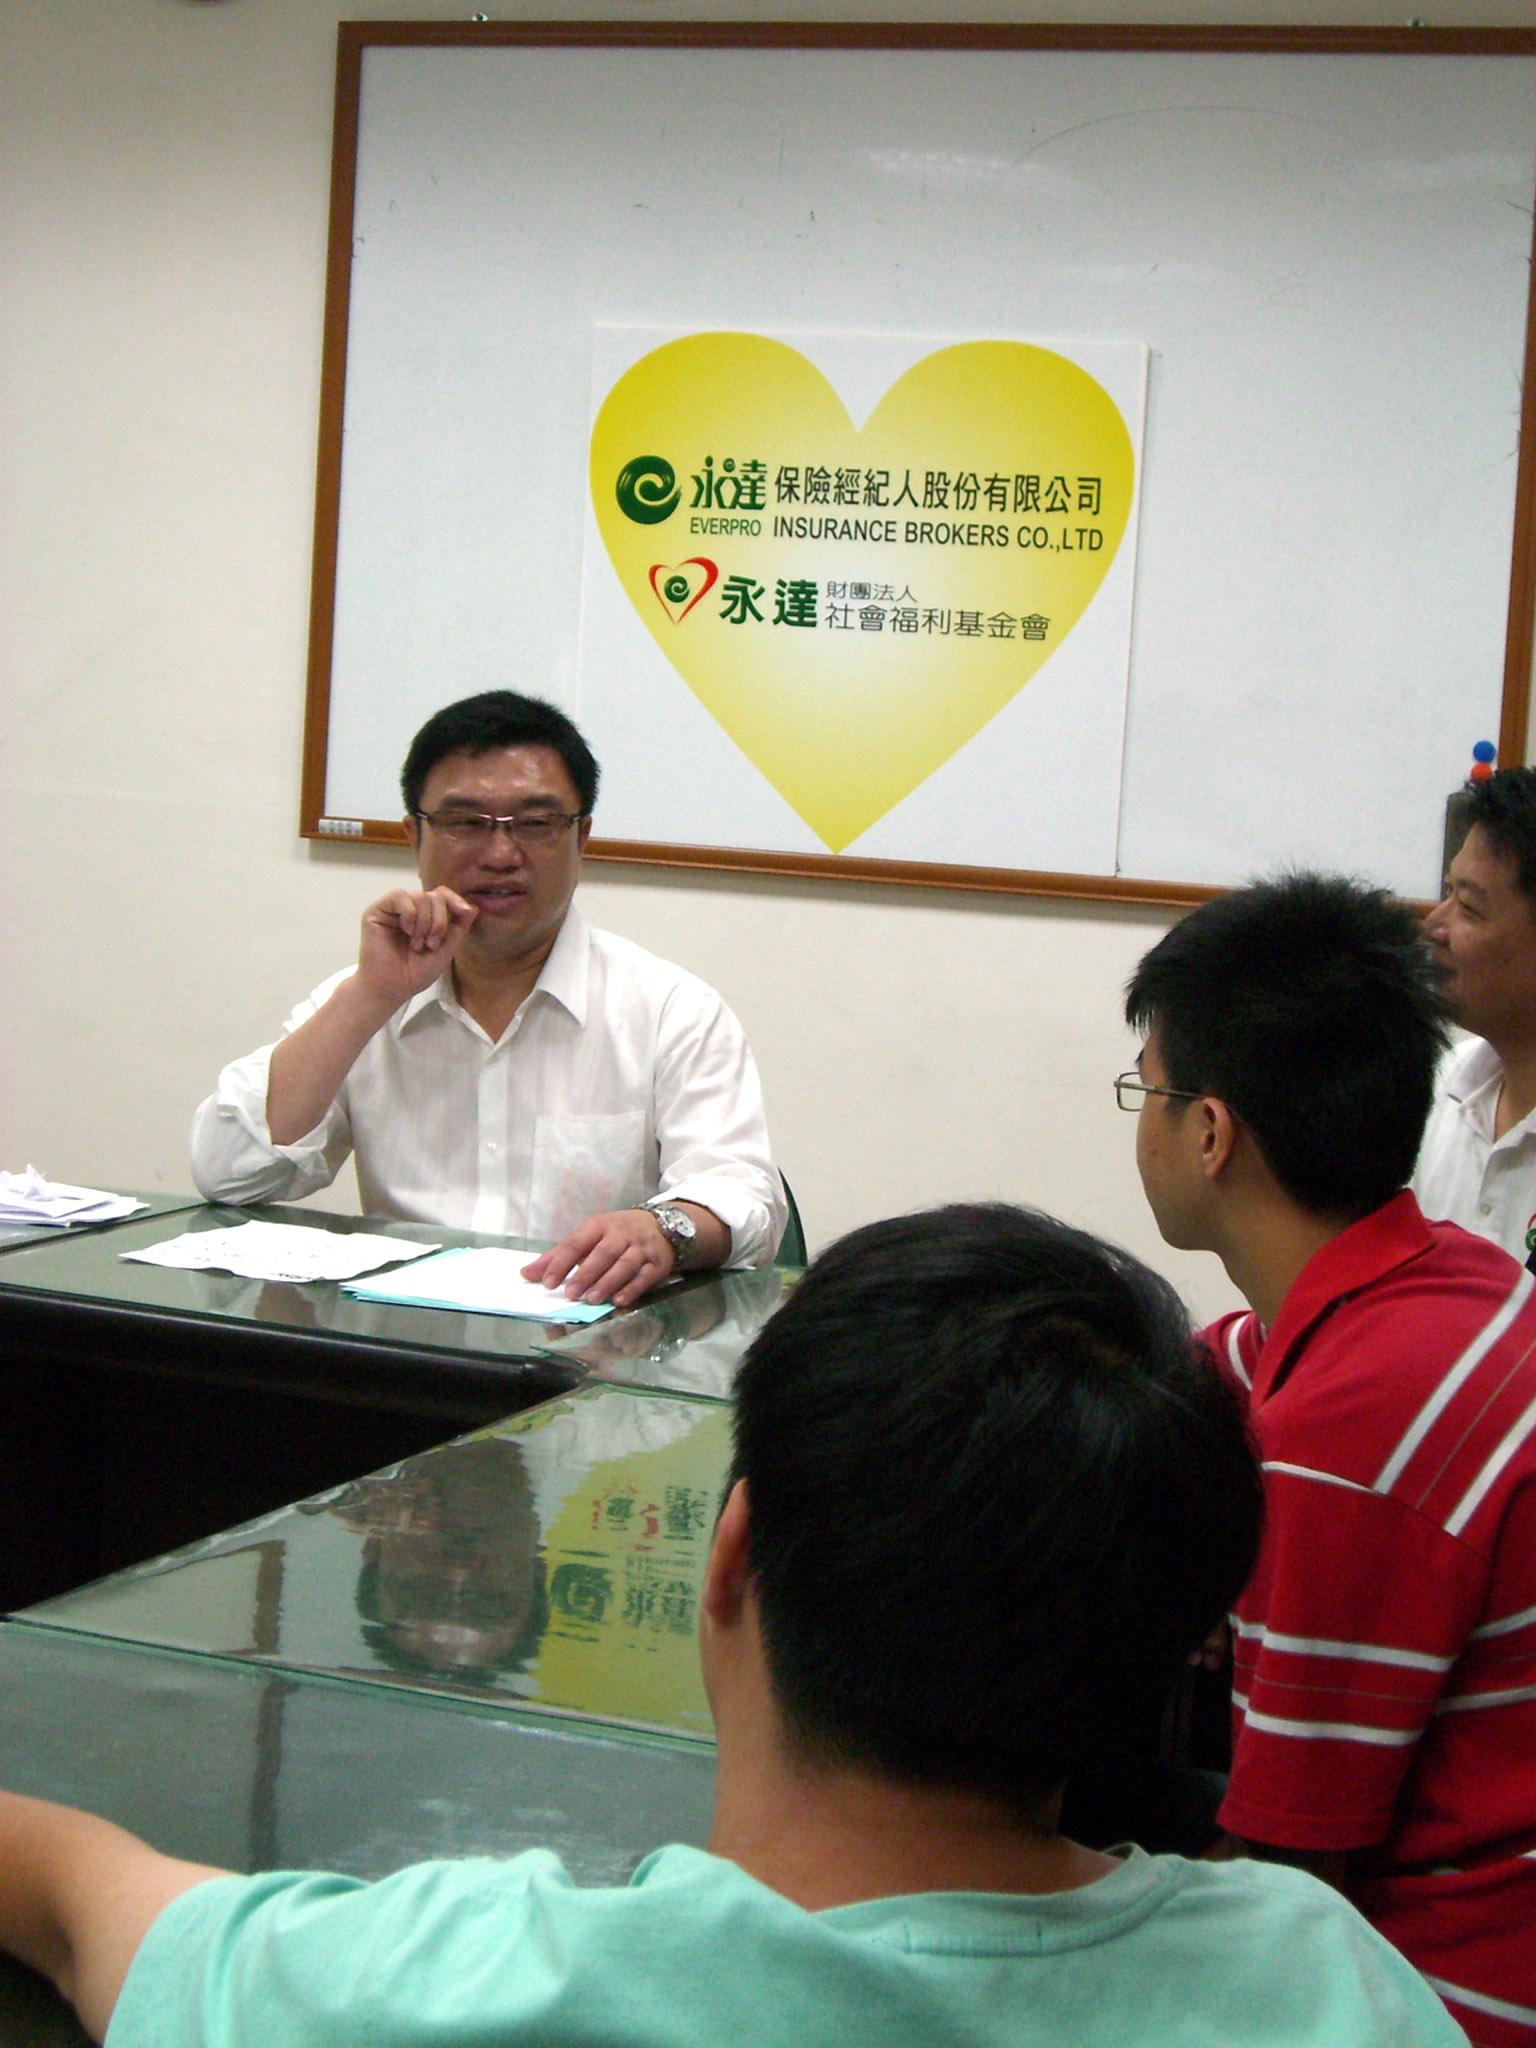 永達保經吳文永董事長與即將就業的孩子面對面接觸。